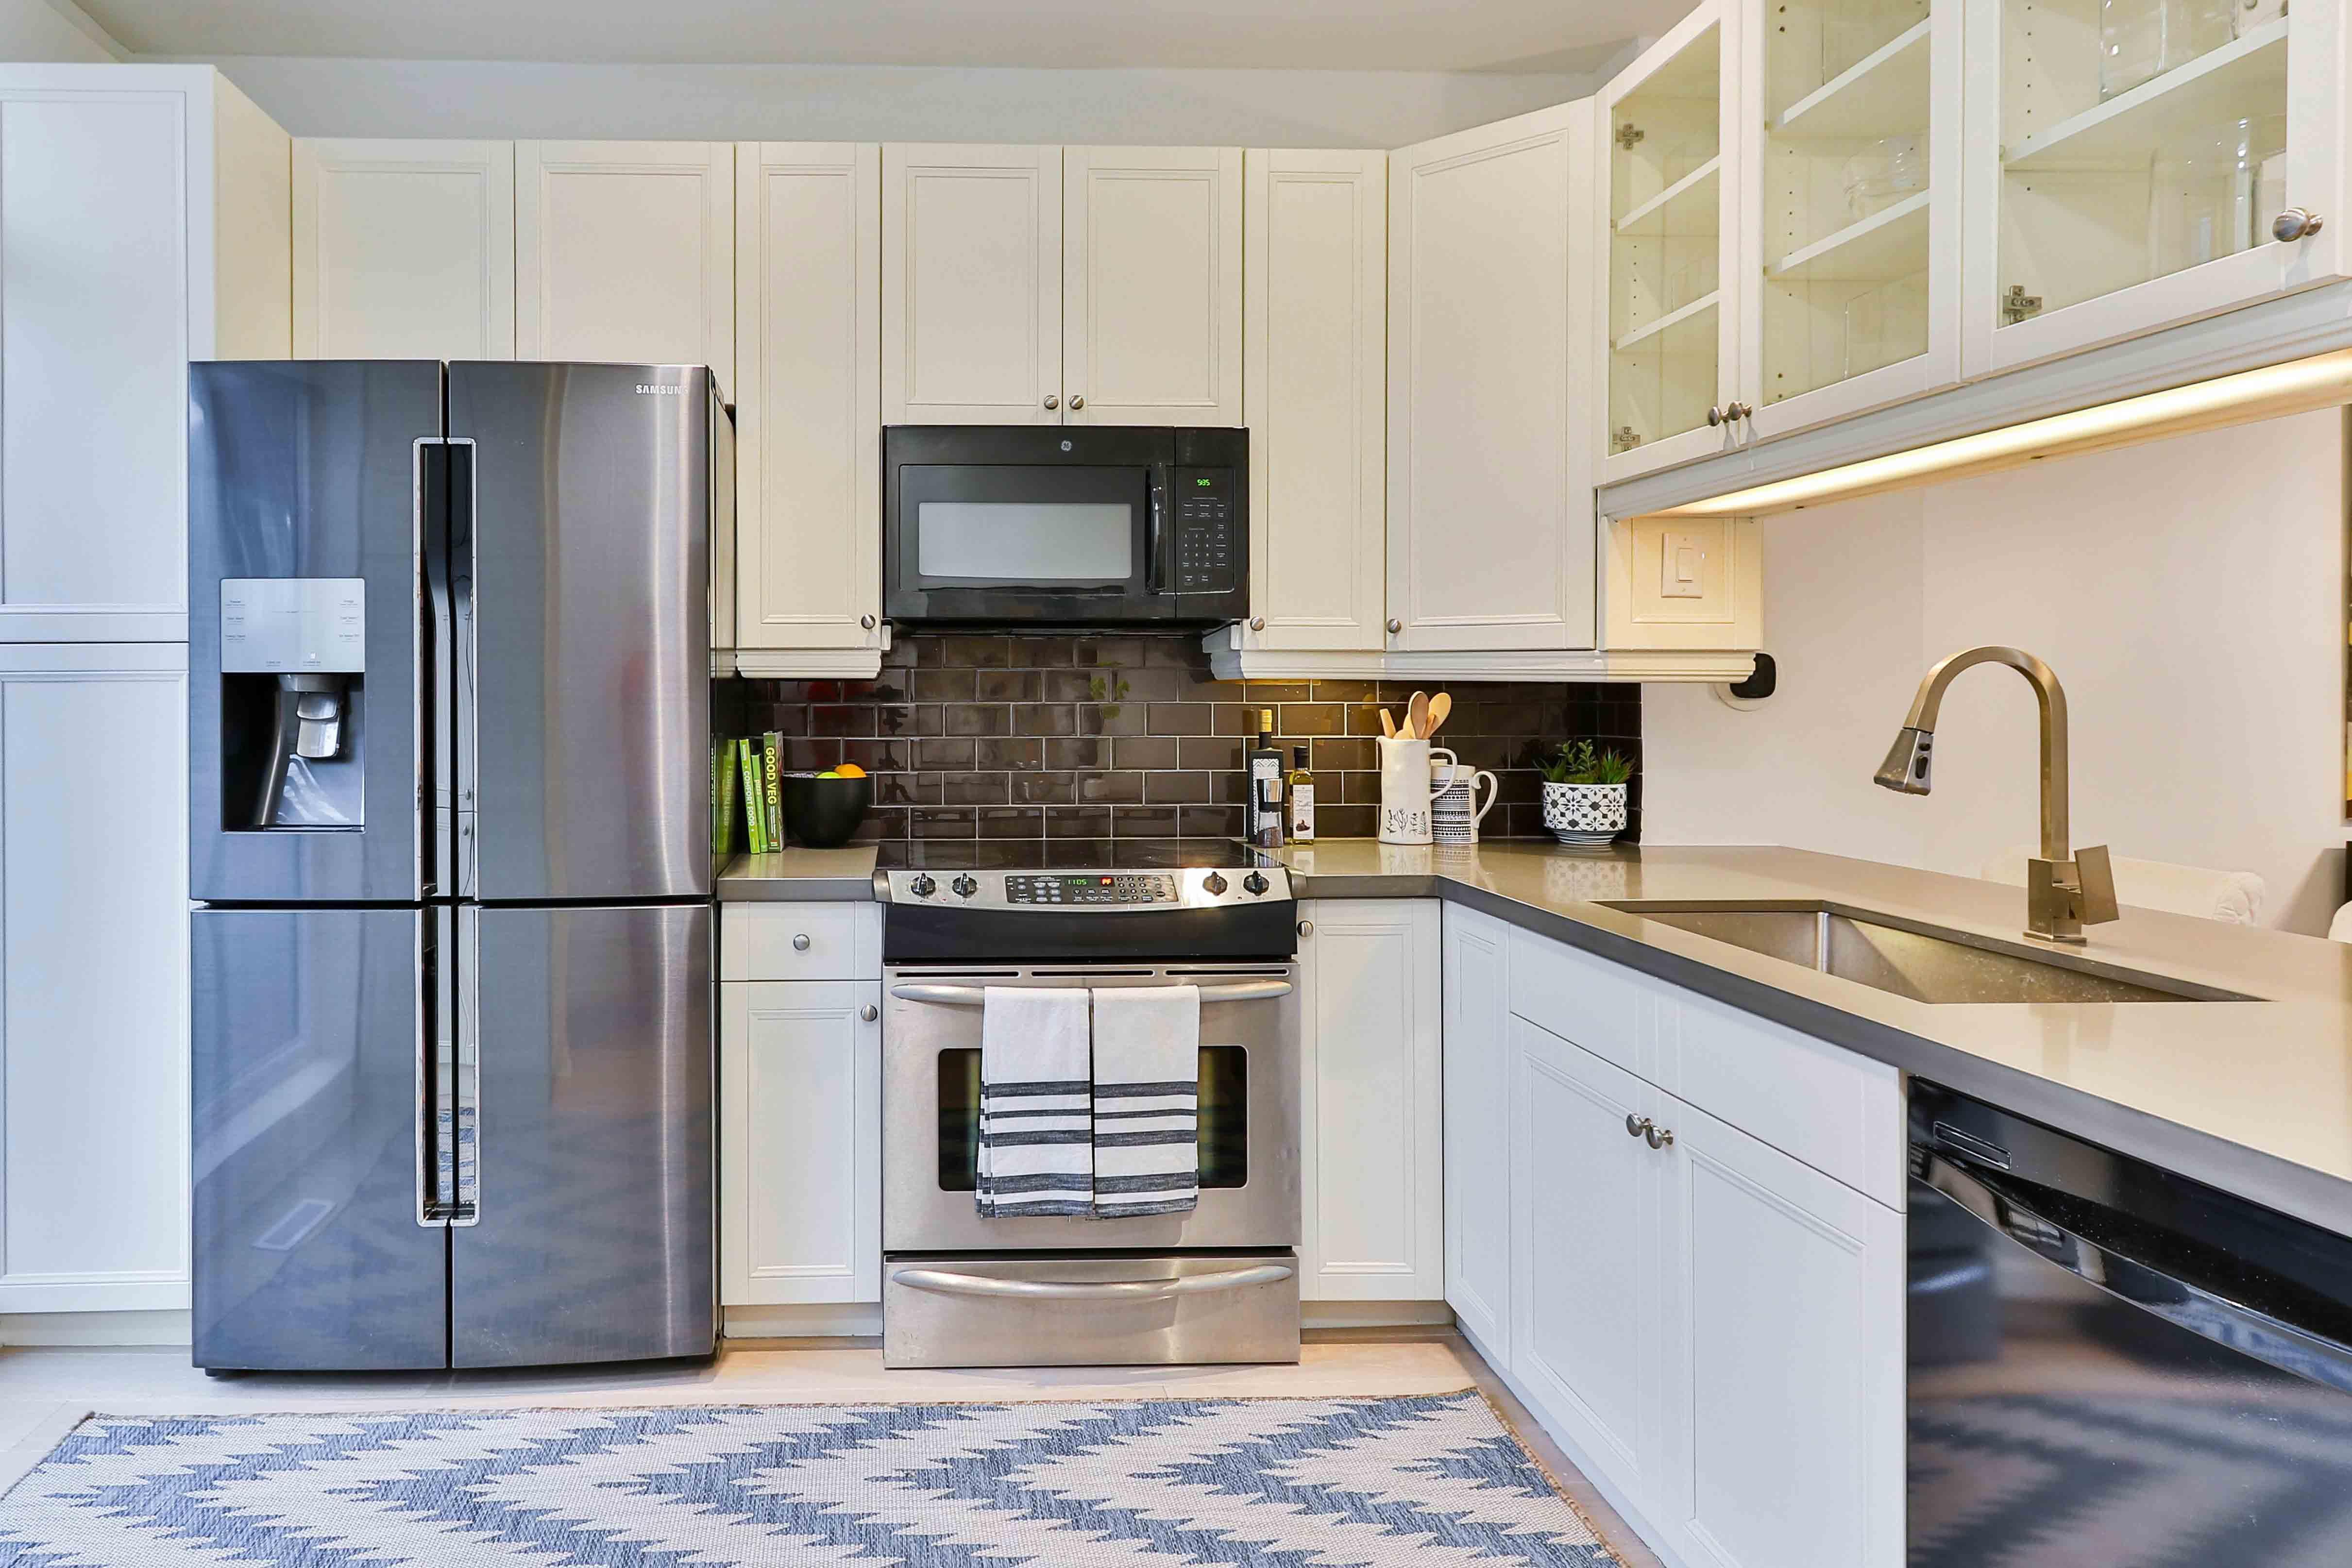 À procura de um frigorífico? 11 dicas para fazeres o melhor negócio no OLX